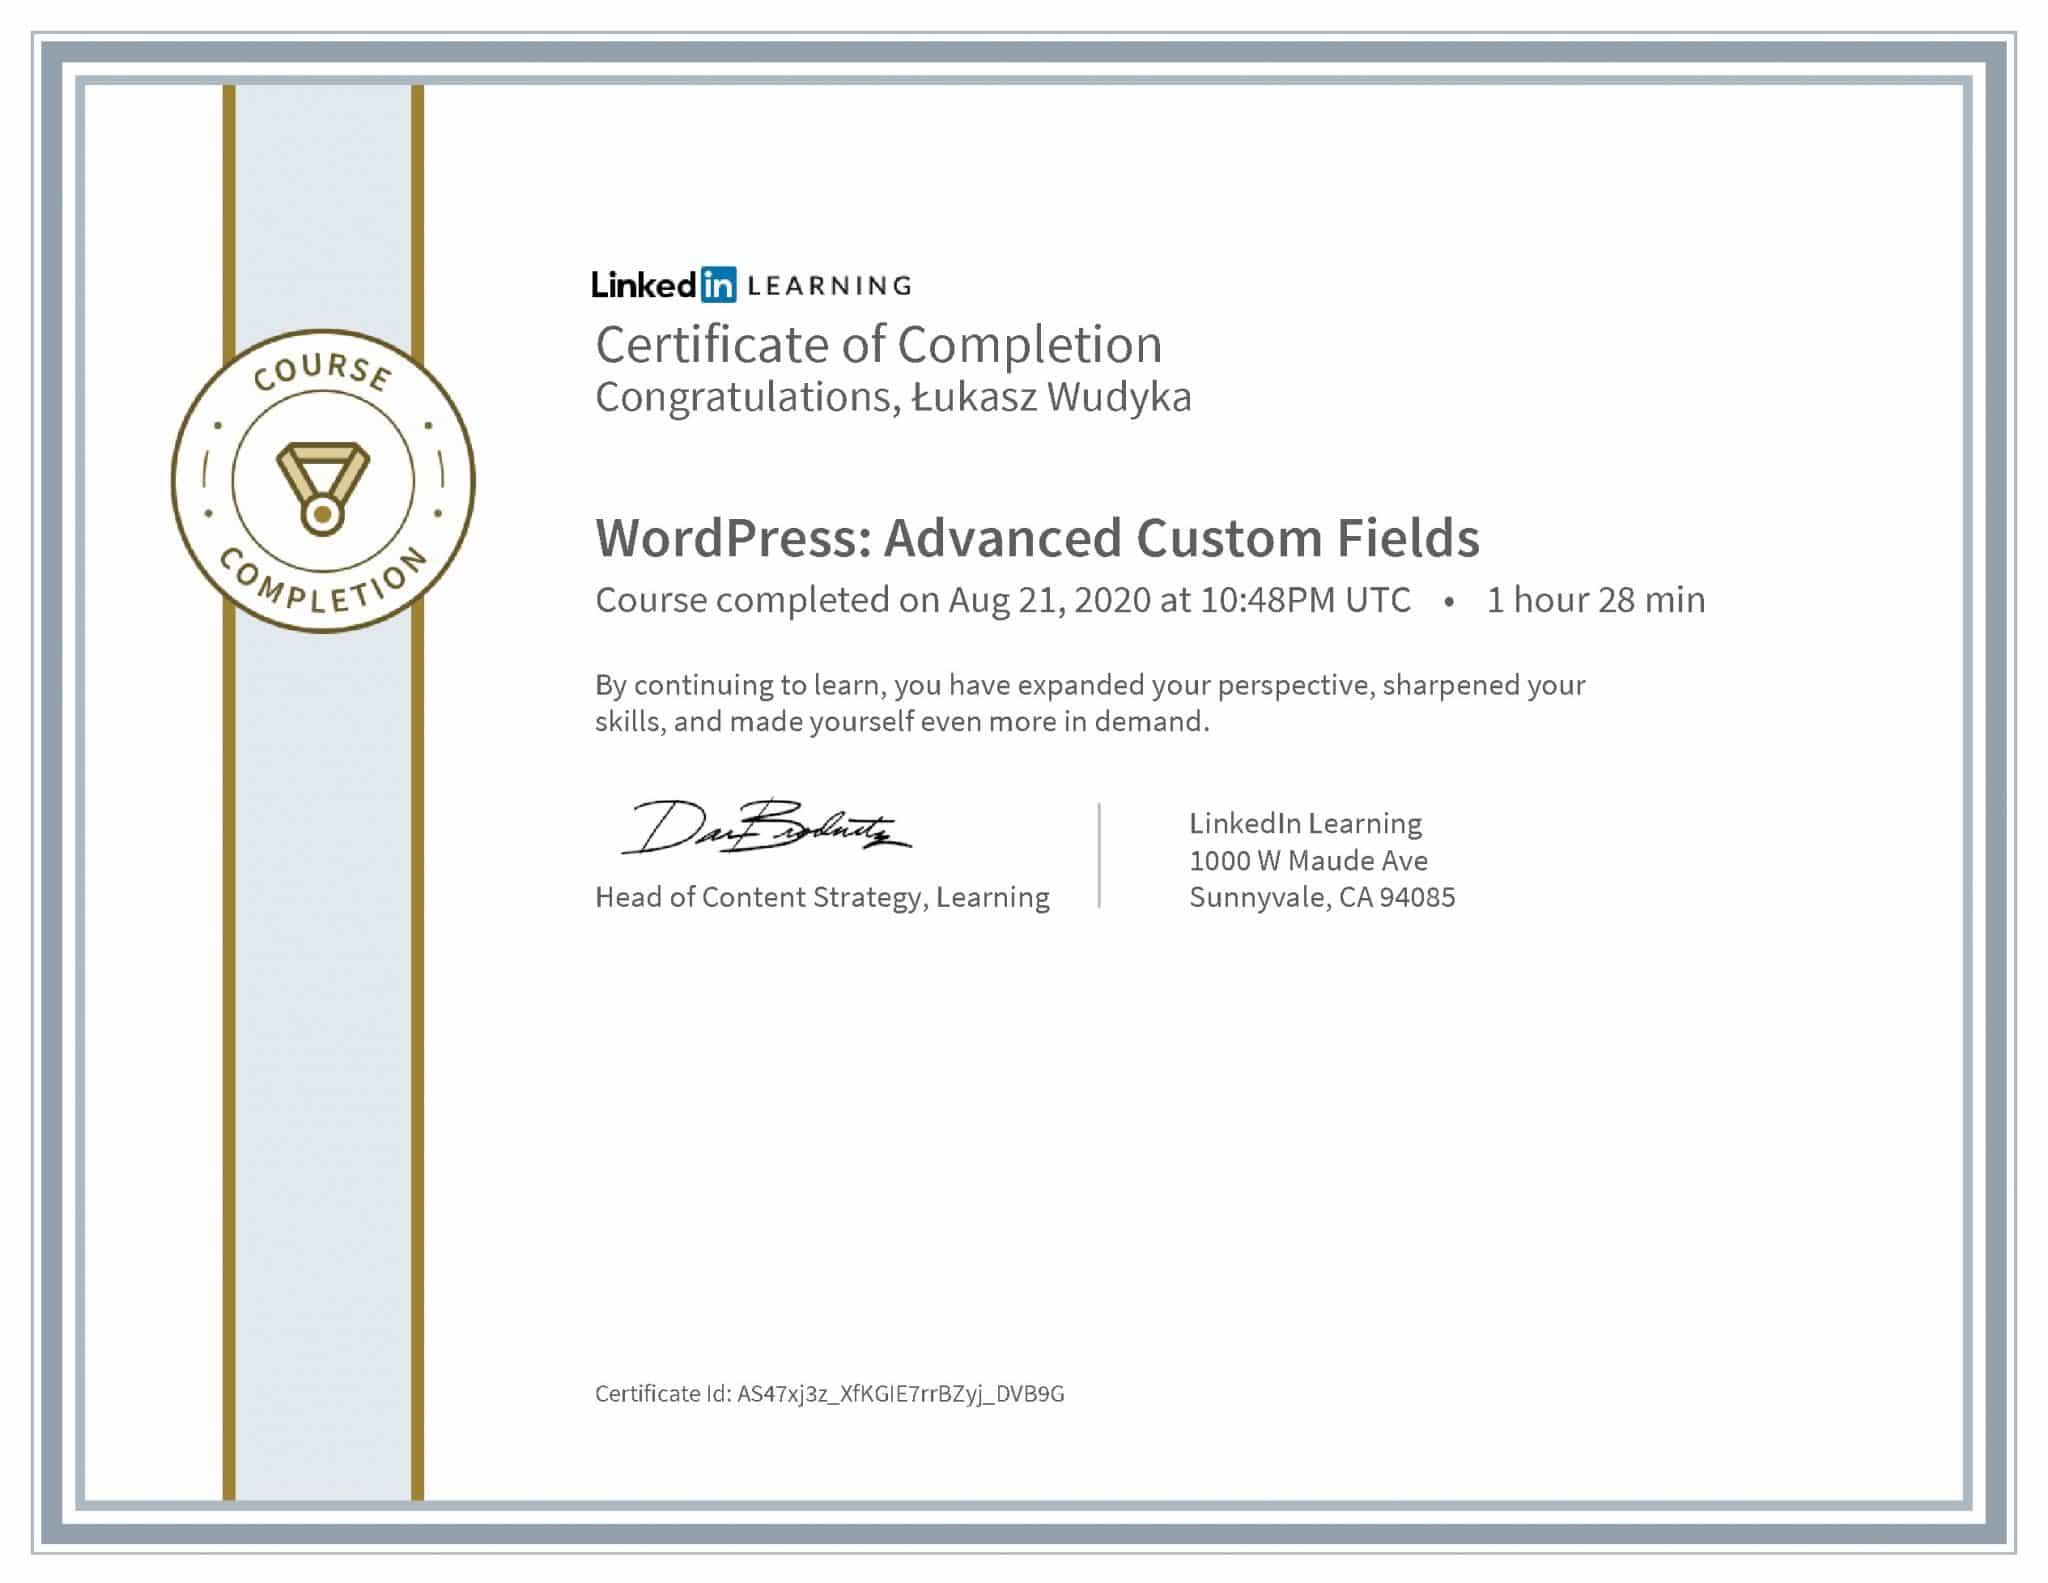 Łukasz Wudyka certyfikat LinkedIn WordPress: Advanced Custom Fields